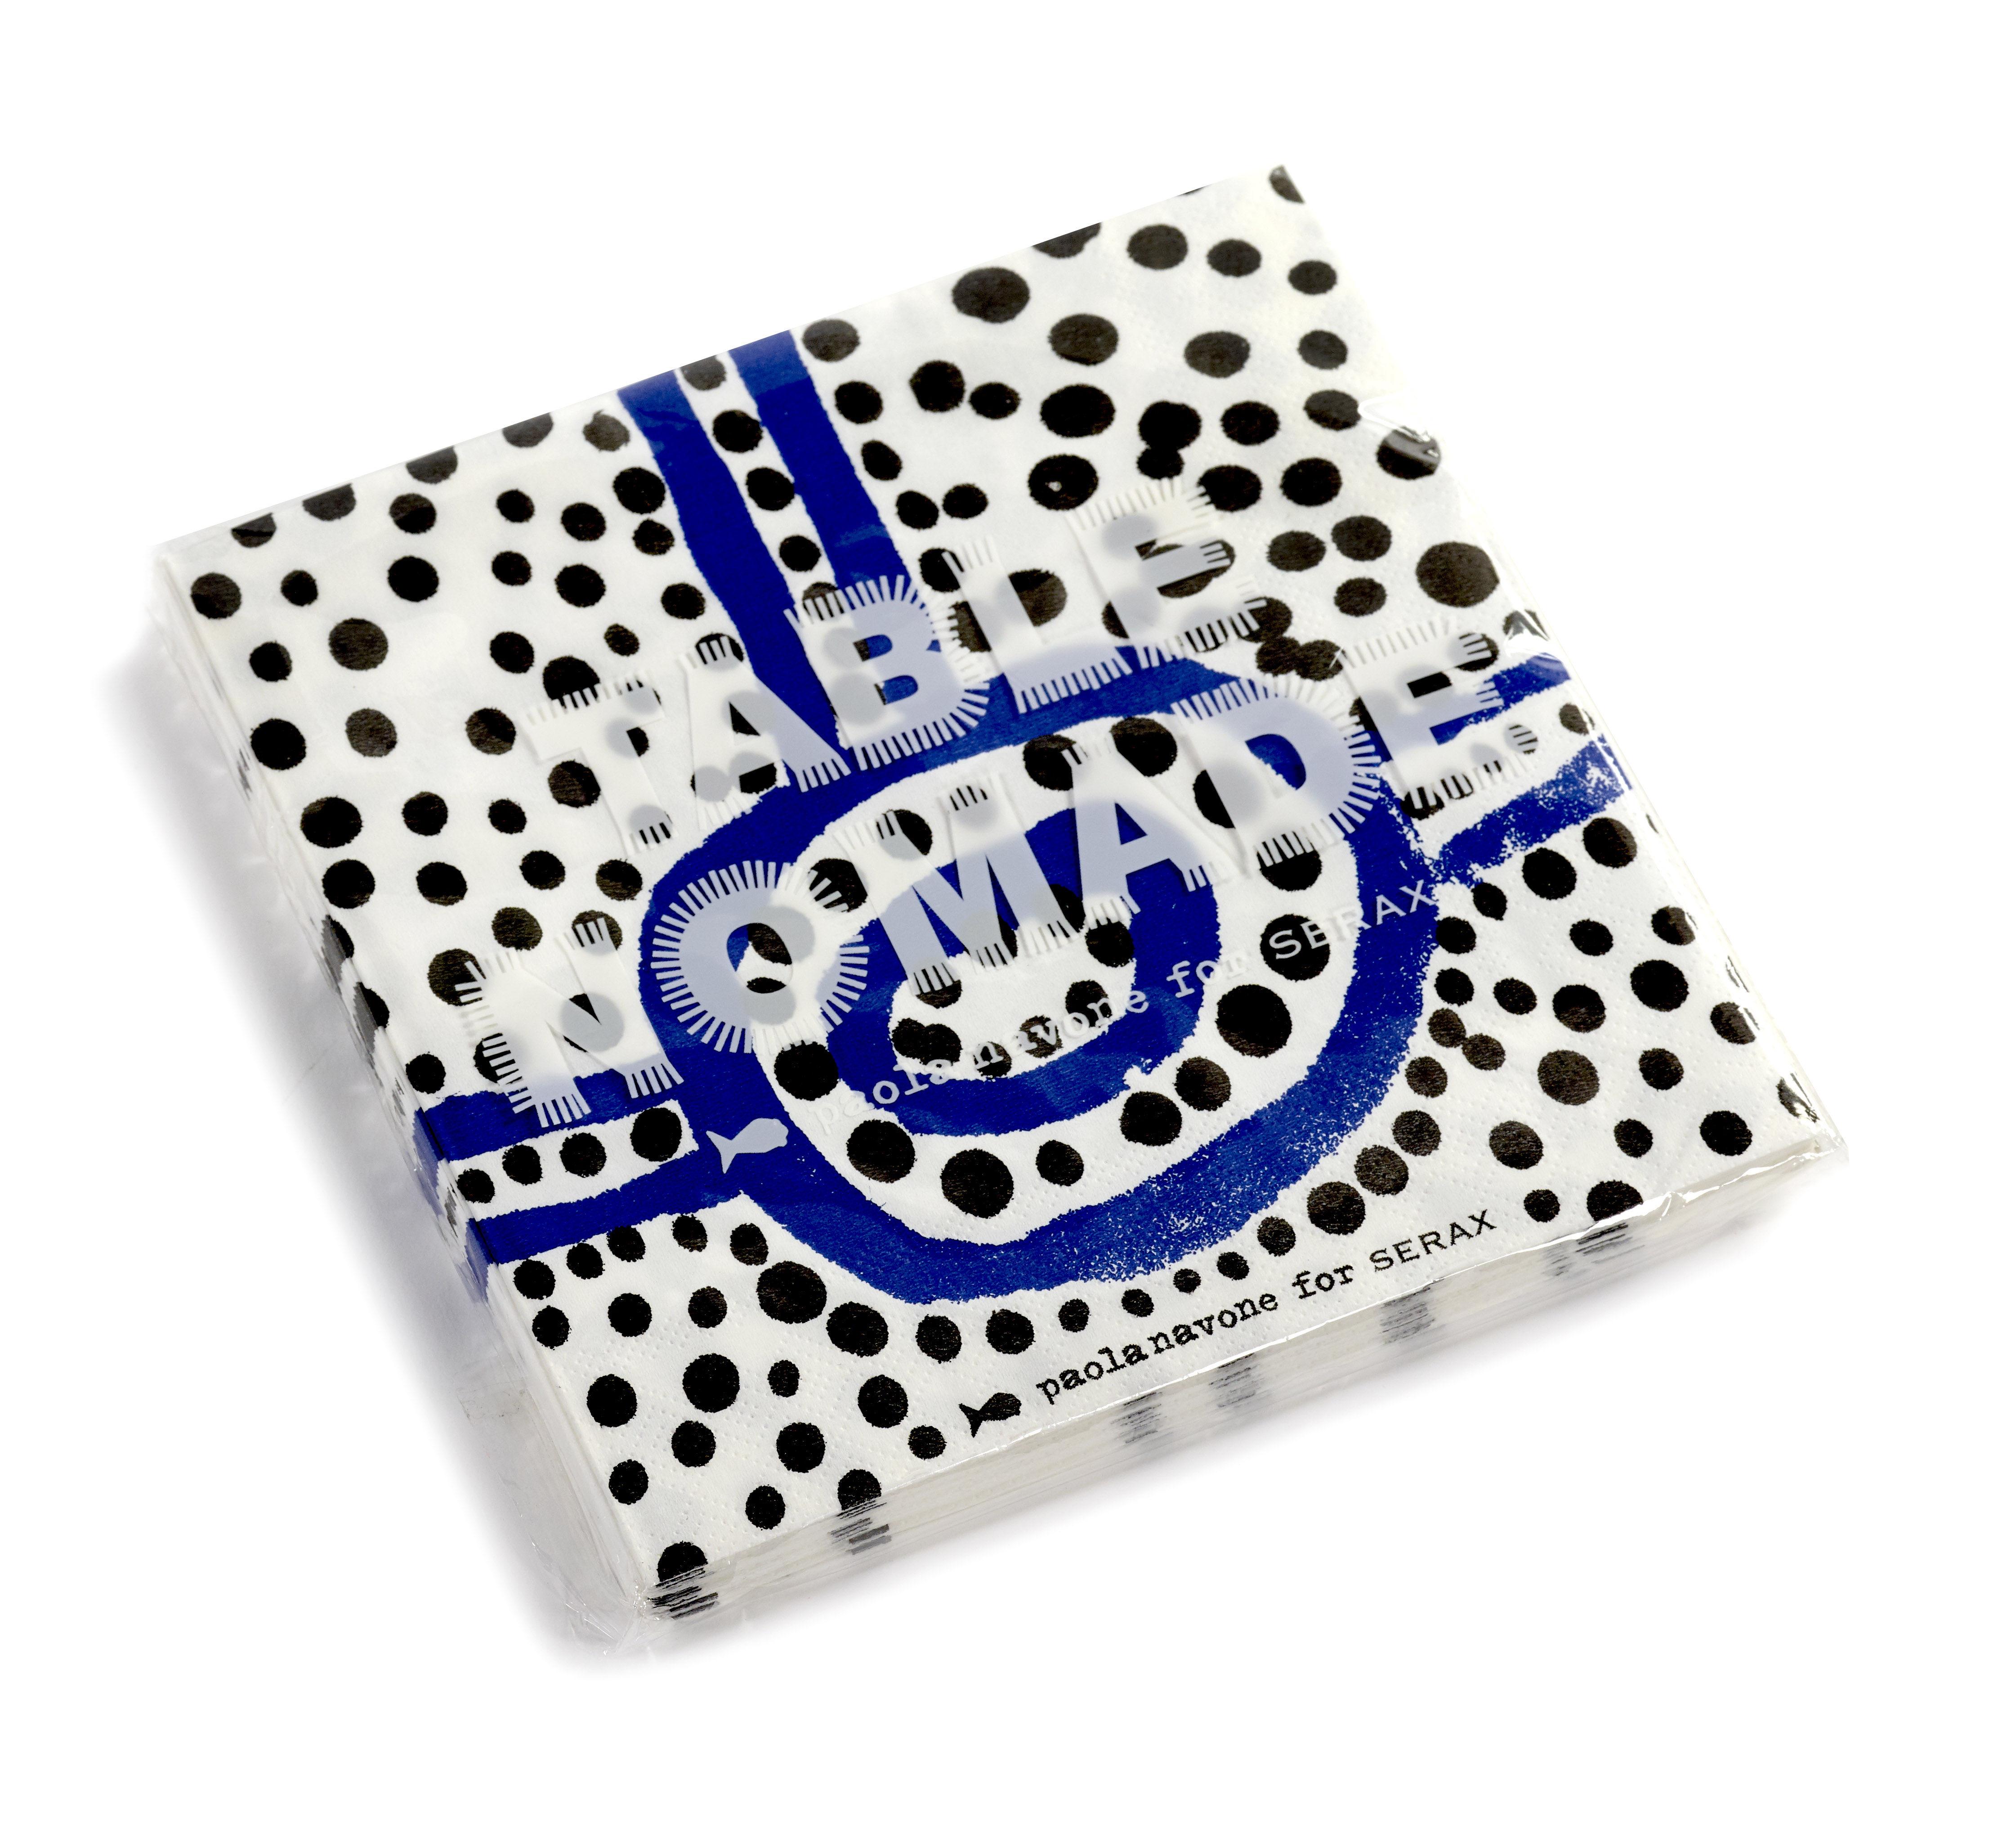 Arts de la table - Nappes, serviettes et sets - Serviettes en papier / Set de 20 - 33 x 32 cm - Serax - Bleu & noir - Papier